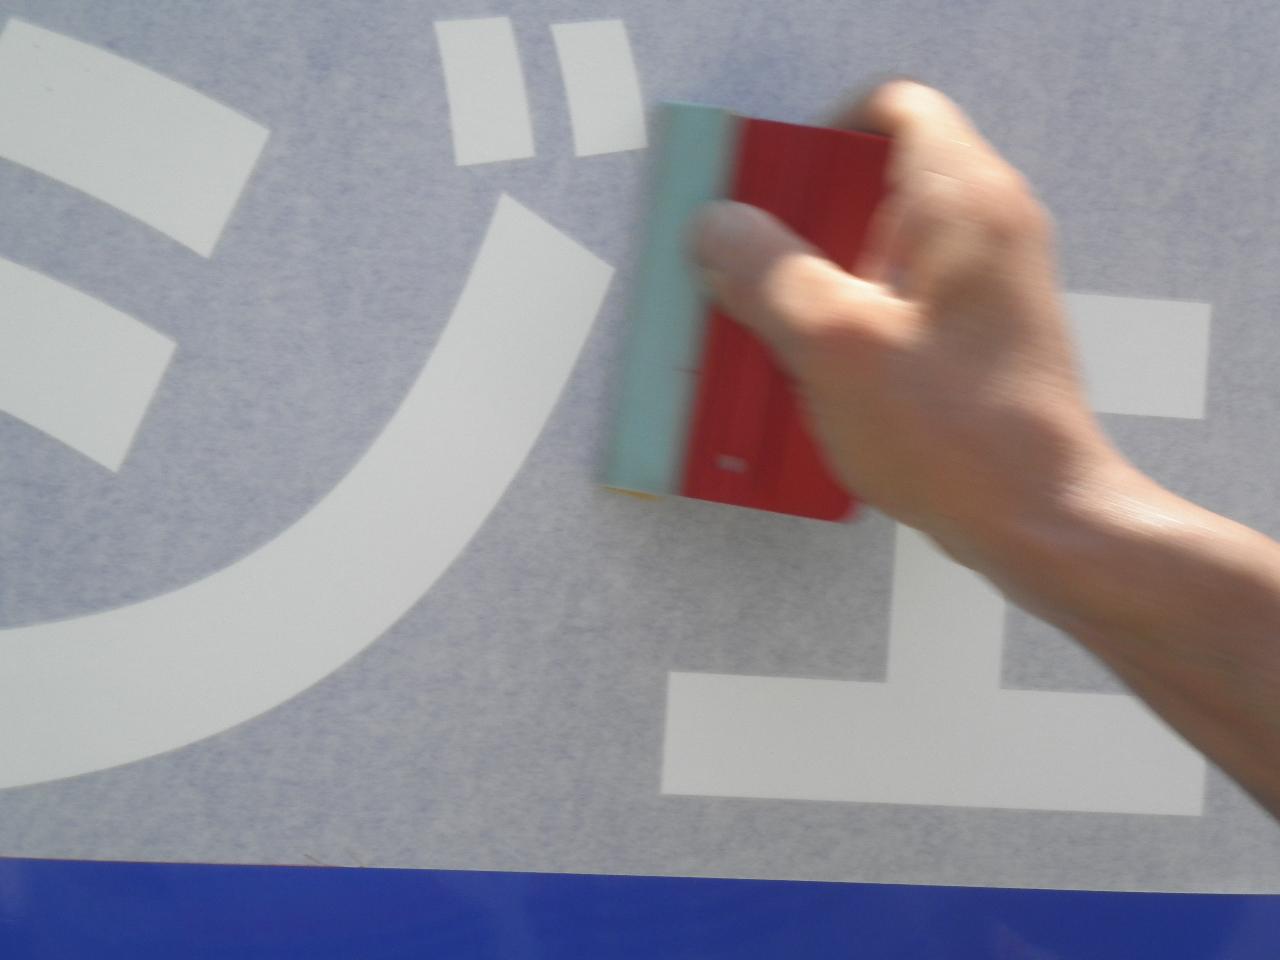 夏のステンレス板にシート貼りはきつい_b0152079_178868.jpg